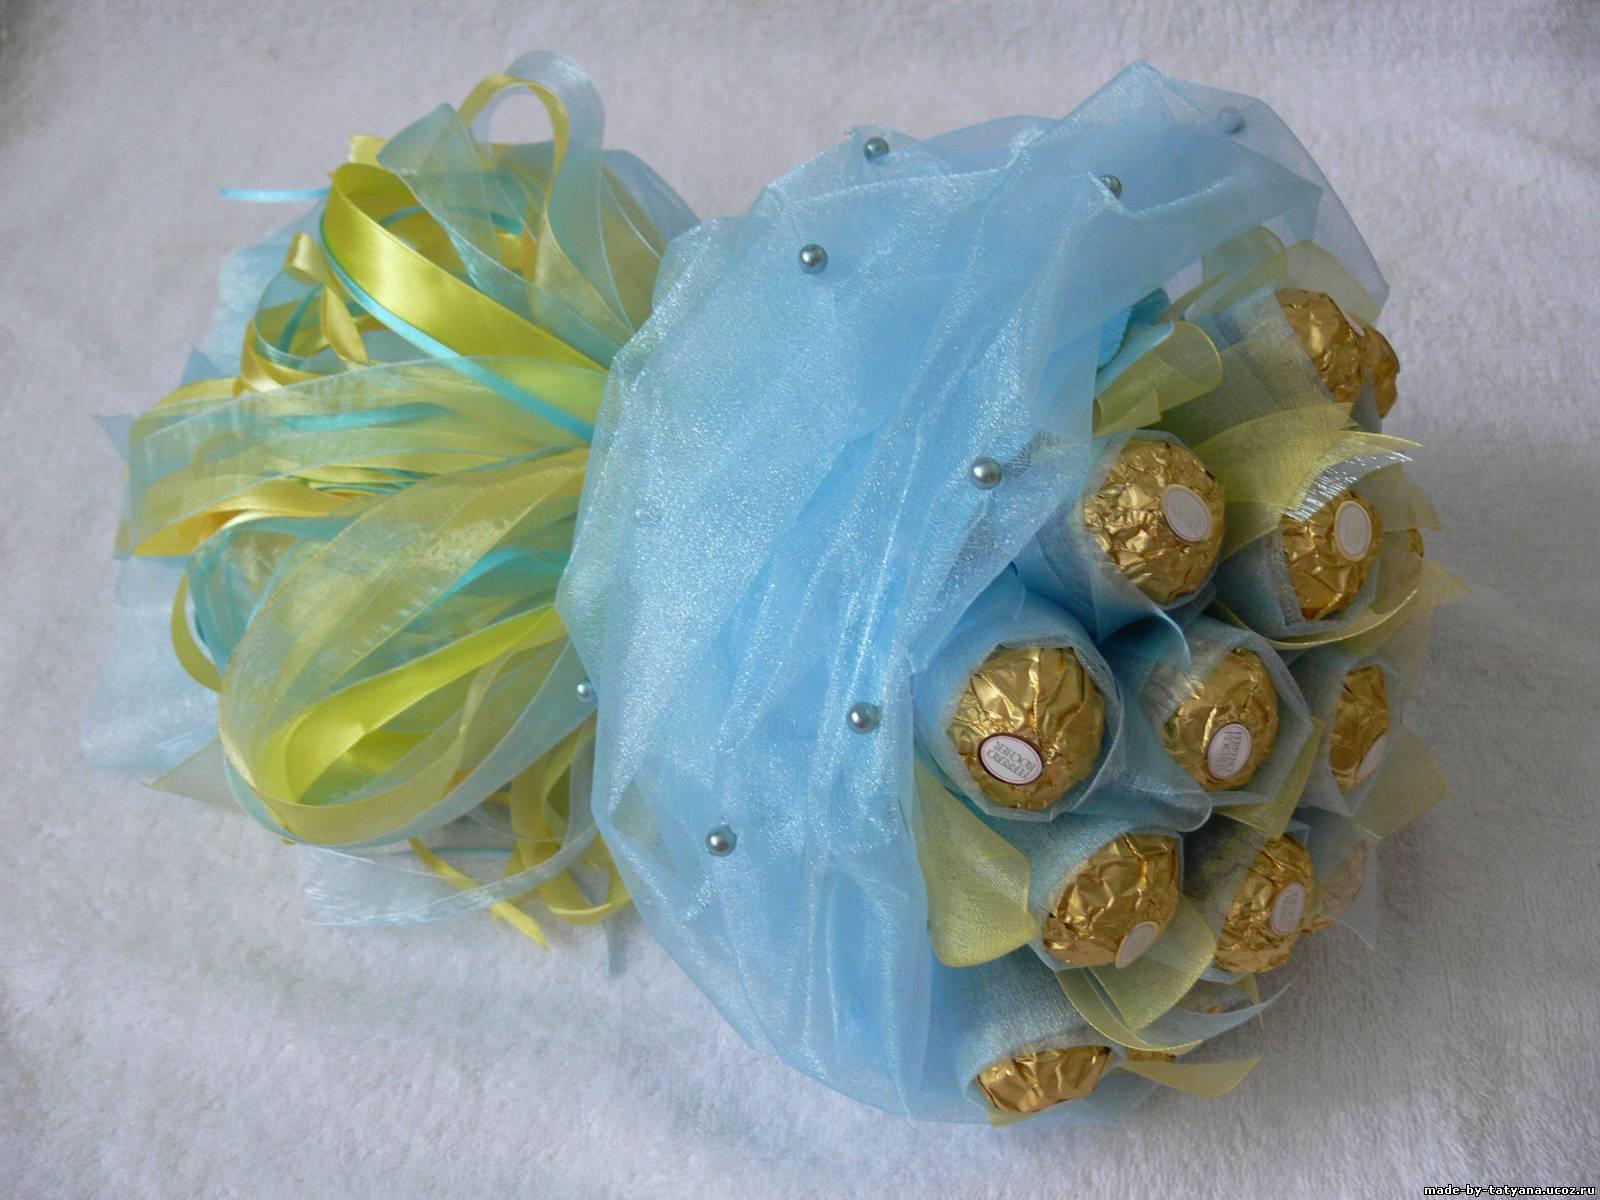 Букет из конфет своими руками: пошагово с фото - Мир Позитива 57